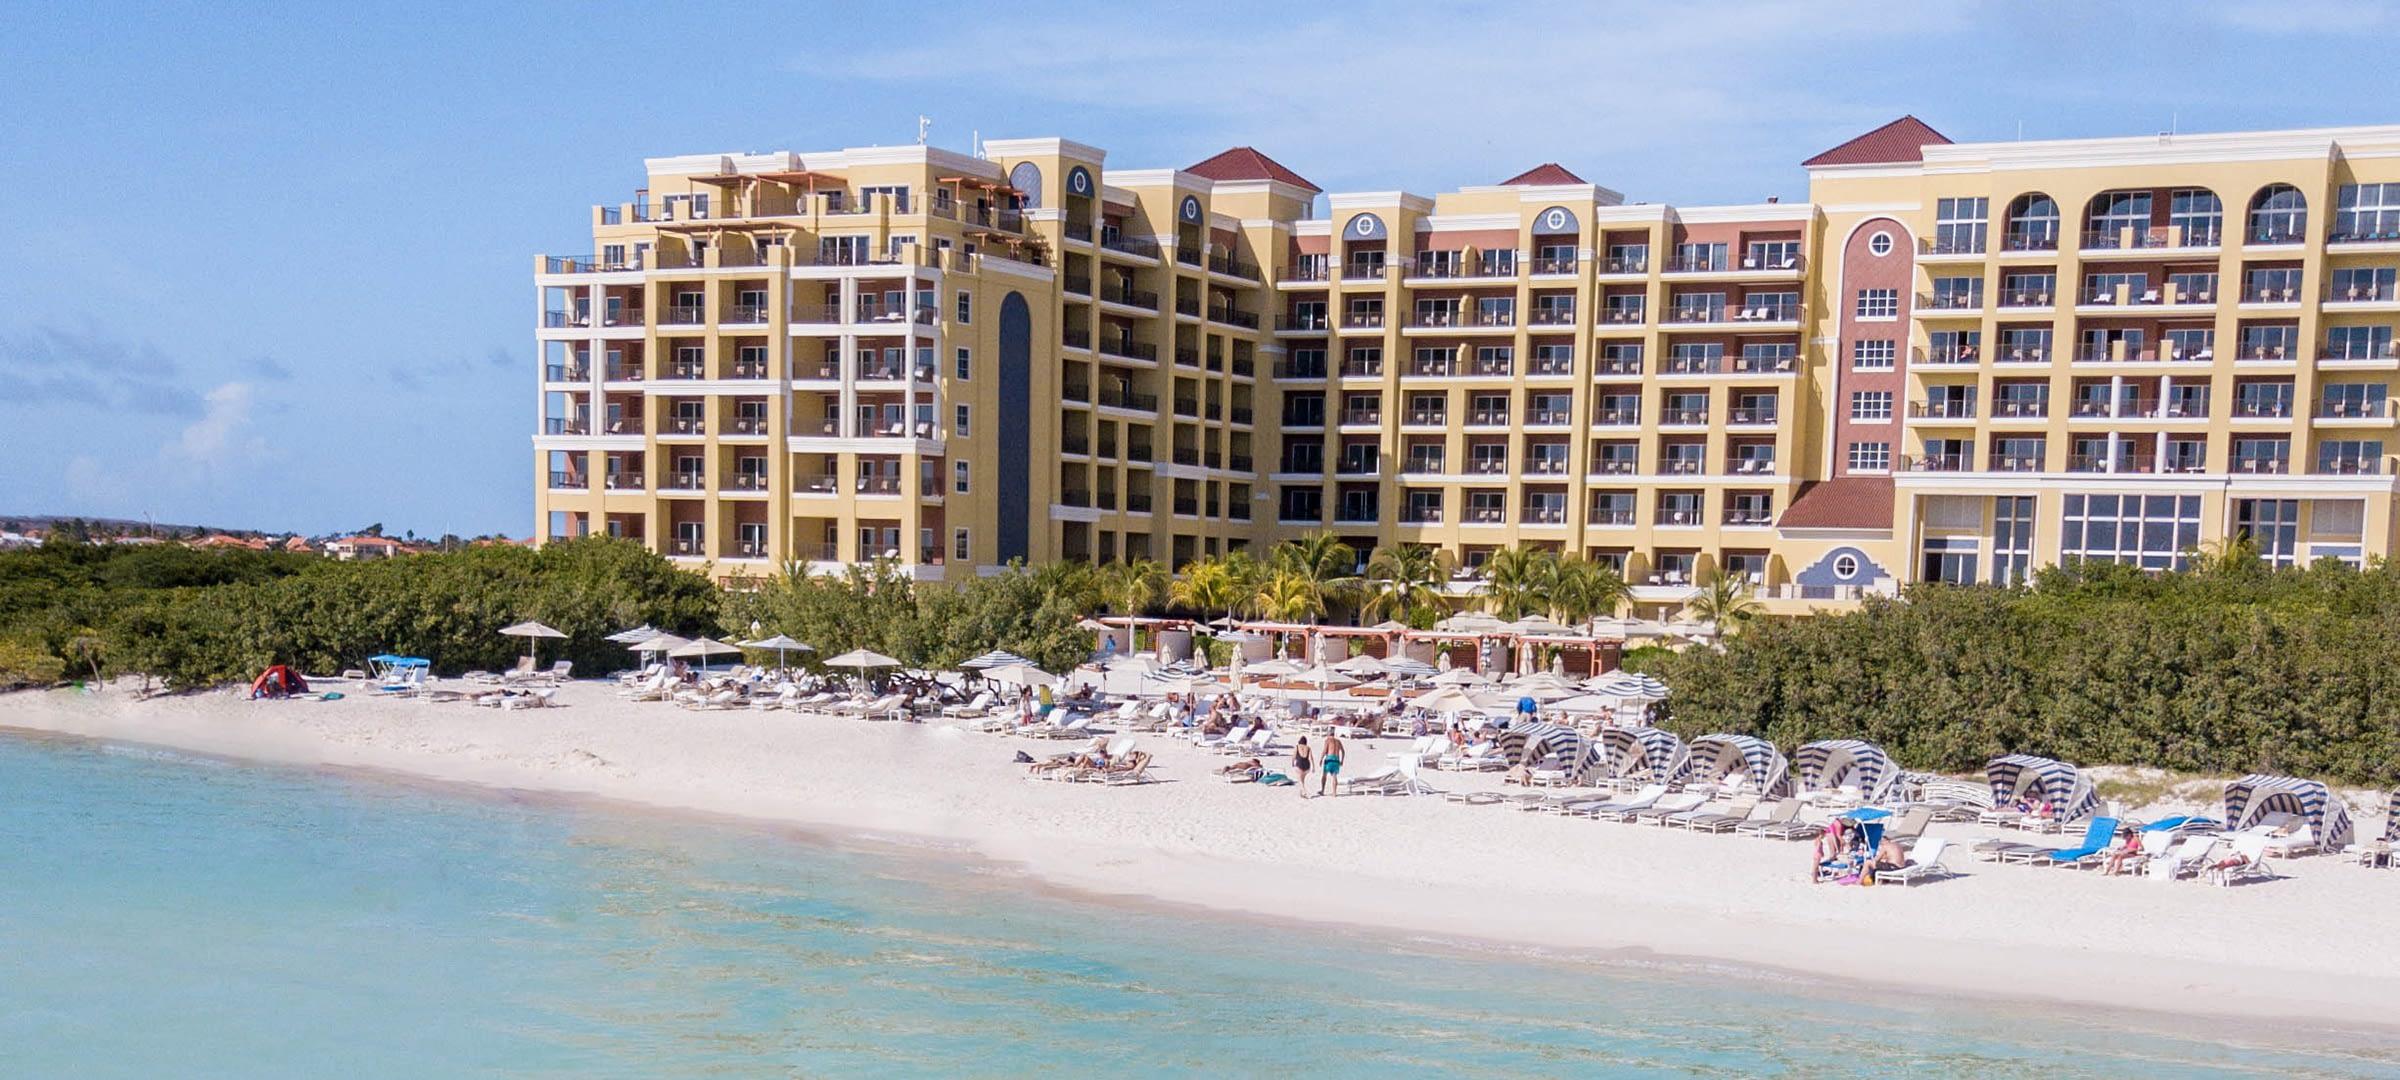 The Ritz Carlton, Aruba